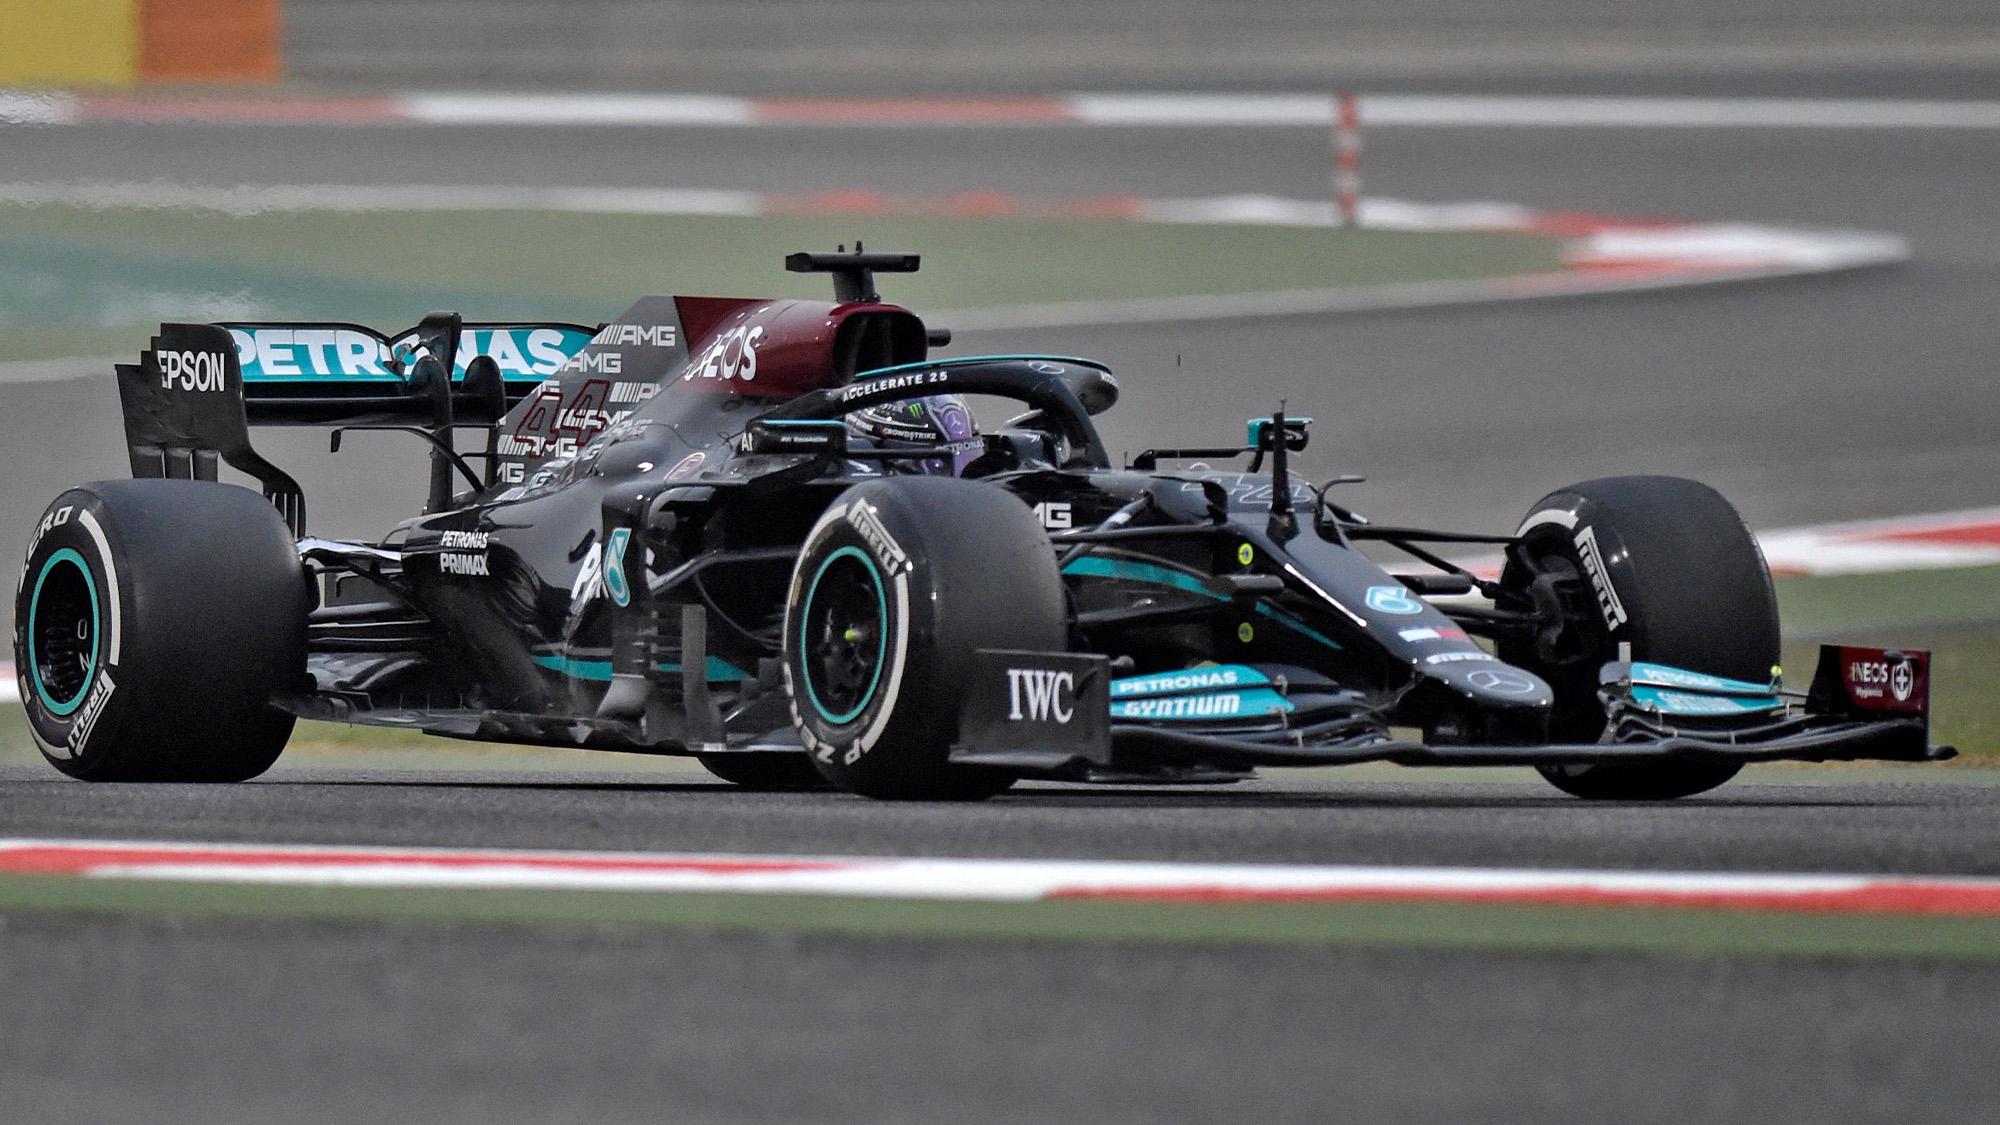 Lewis Hamilton Mercedes 2021 F1 preseason testing